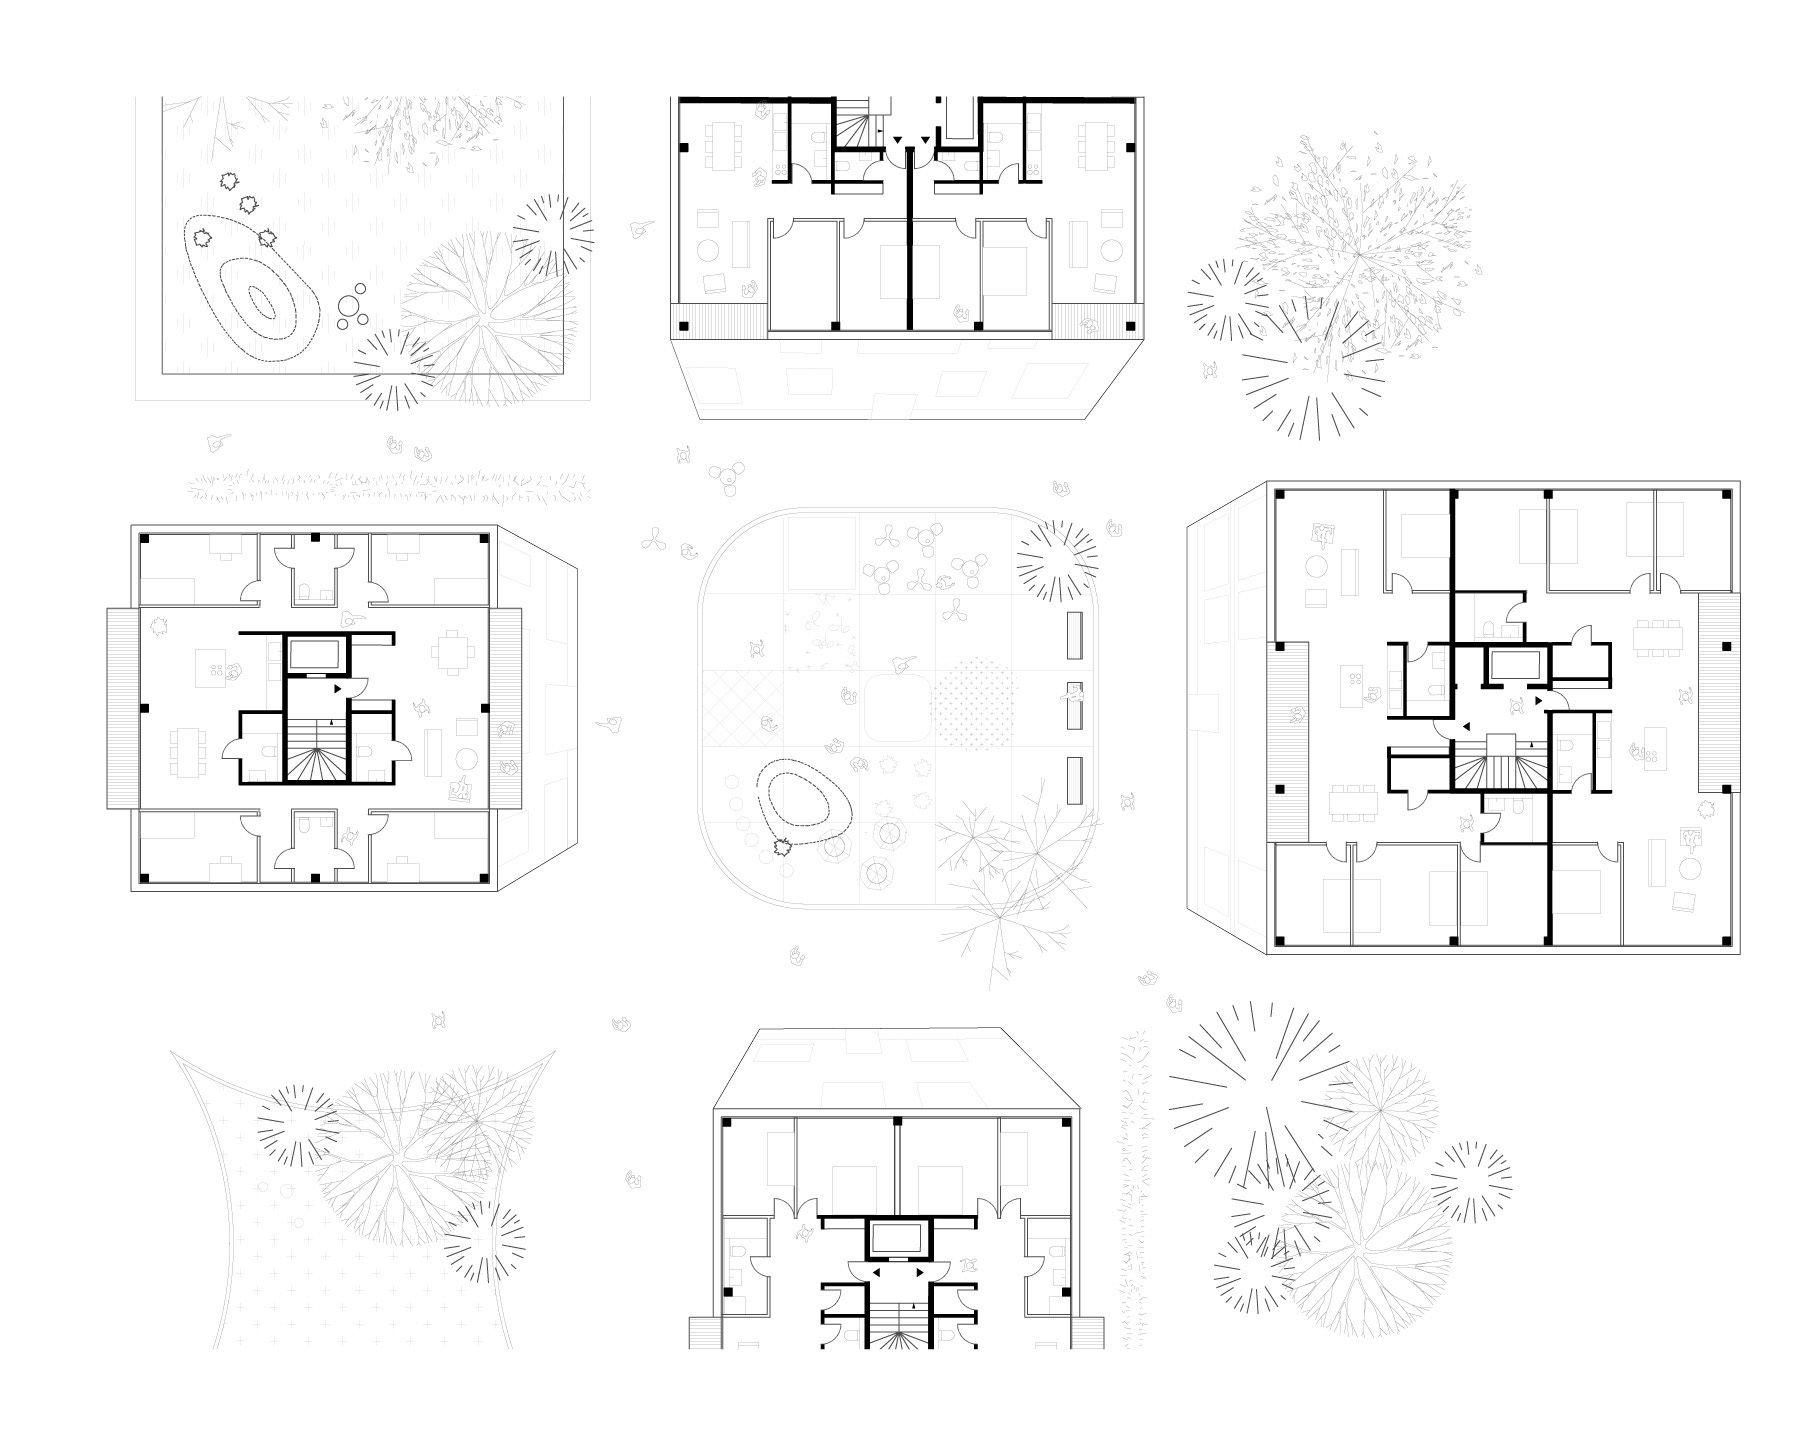 Wettbewerb für neues Quartier in Lörrach / FAKT und David Levain